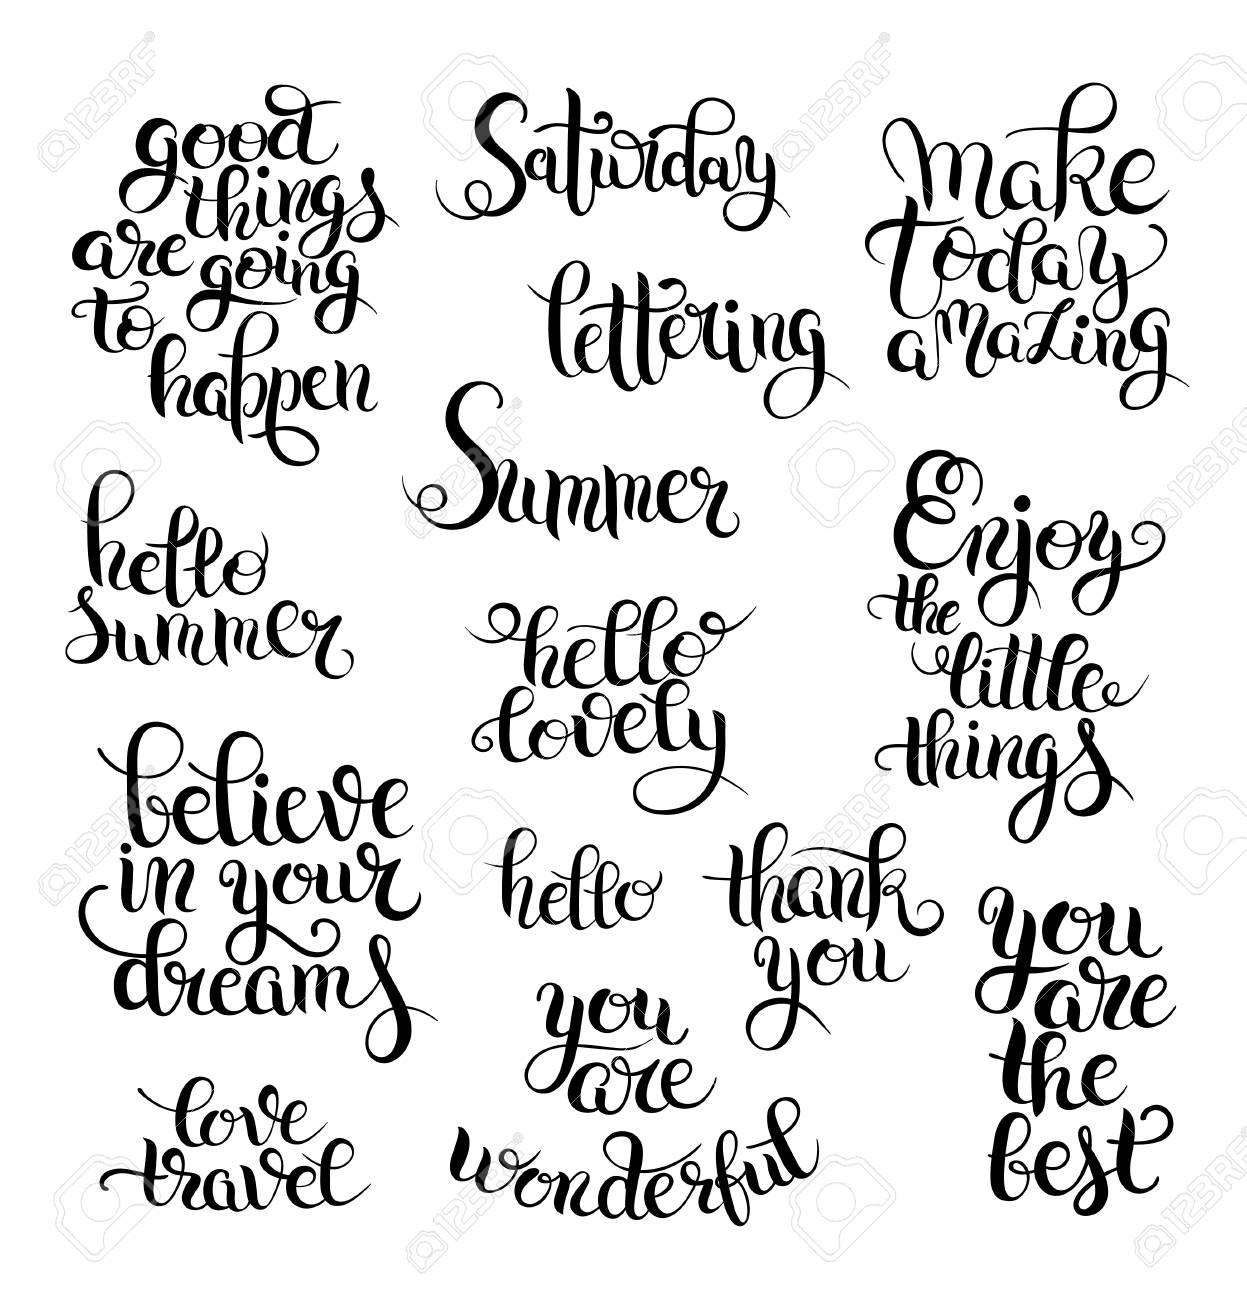 Conjunto Blanco Y Negro De La Mano Escrito Frases Y Palabras Letras Caligráficas Hola Preciosa Disfrutar De Las Cosas Pequeñas Viajes Amor